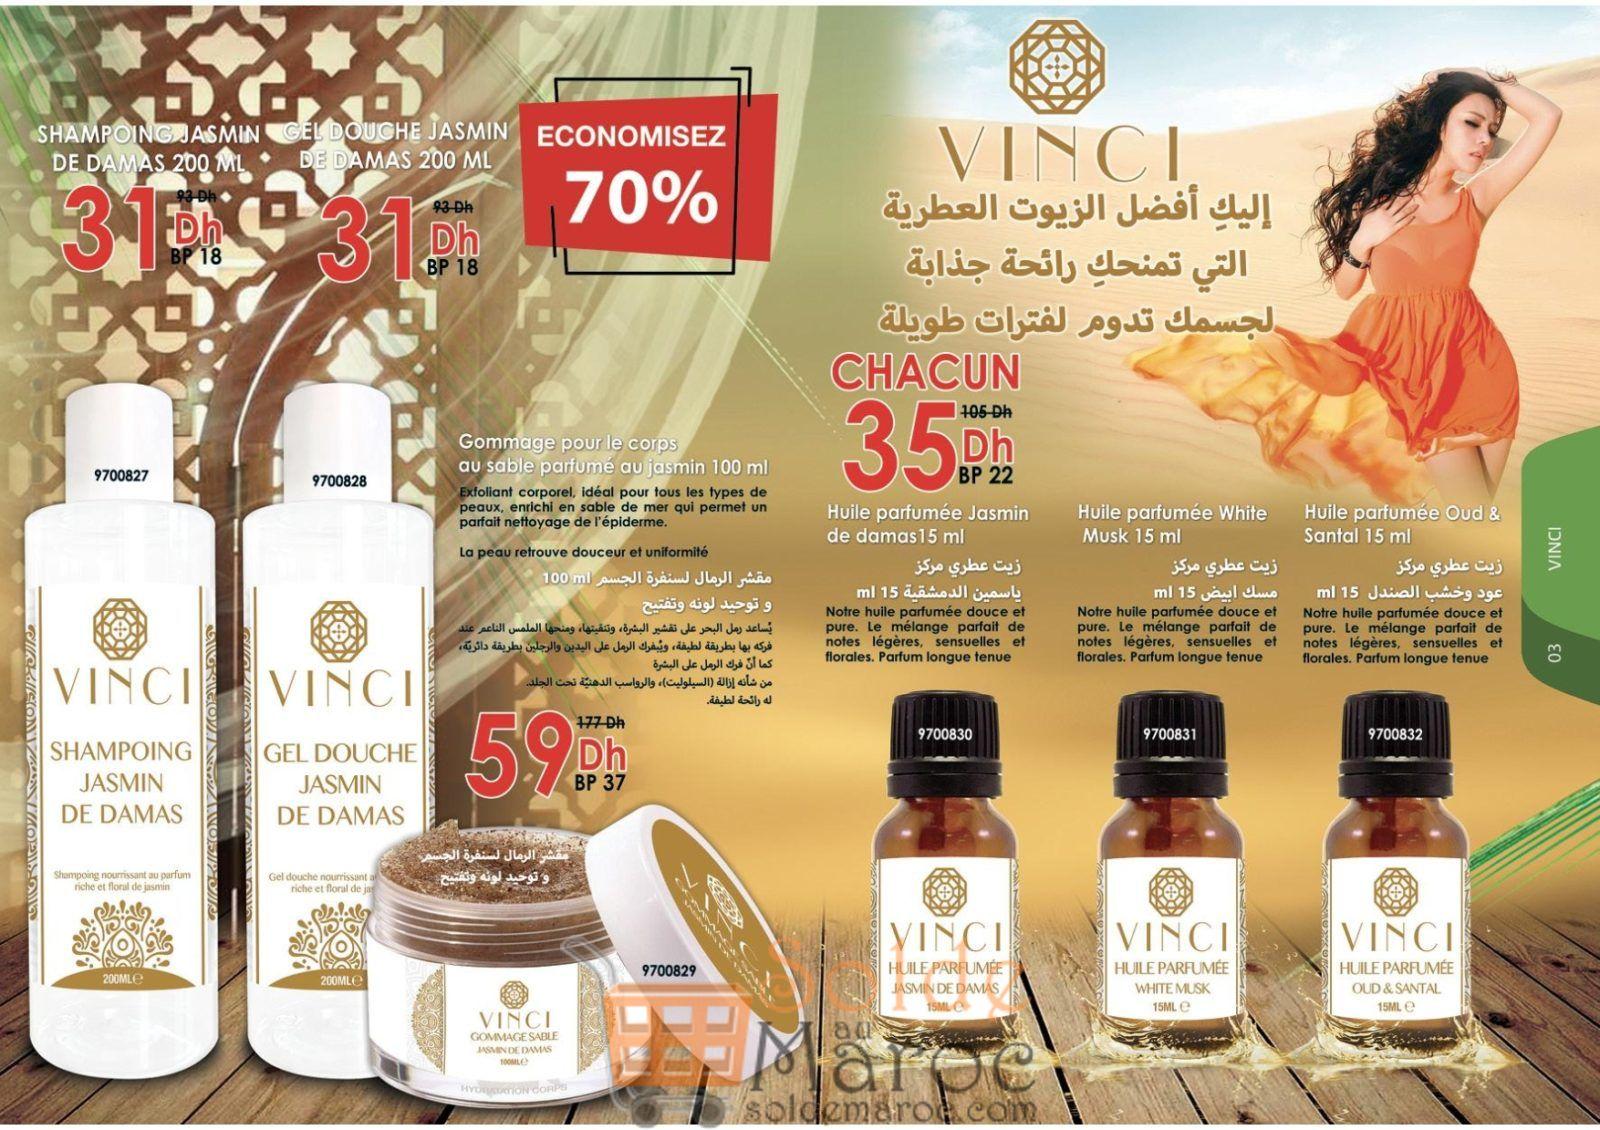 Catalogue Vinci Maroc Août 2018 – Solde et Promotion du Maroc